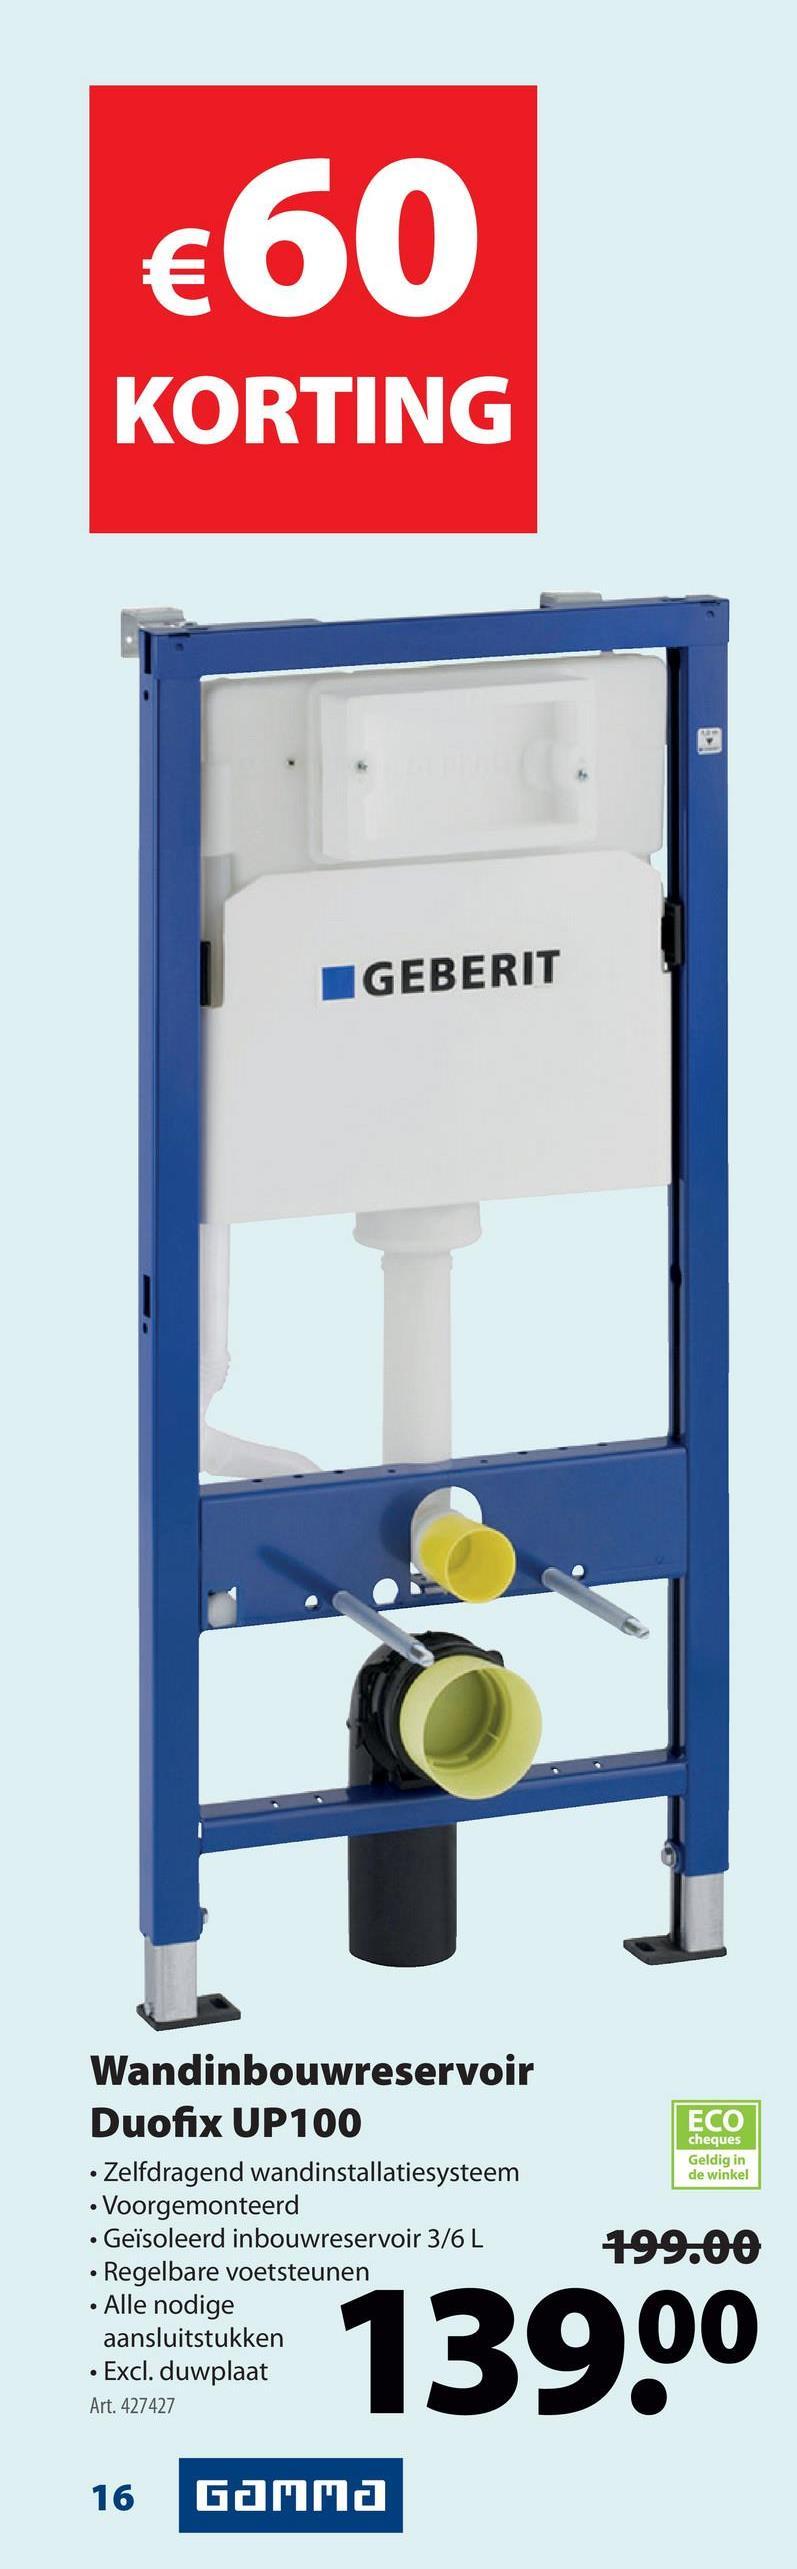 Geberit Duofix UP100 inbouwreservoir Een inbouwreservoir? Die instaleer je zelf met dit installatiepack van Geberit. Het pack bevat alles om je wc van top tot teen te installeren: 2 spoeltoetsen, een inbouwspoelreservoir. En je eigenlijke wc? Die schaf je apart aan, zodat je voor het model van je dromen kan gaan.